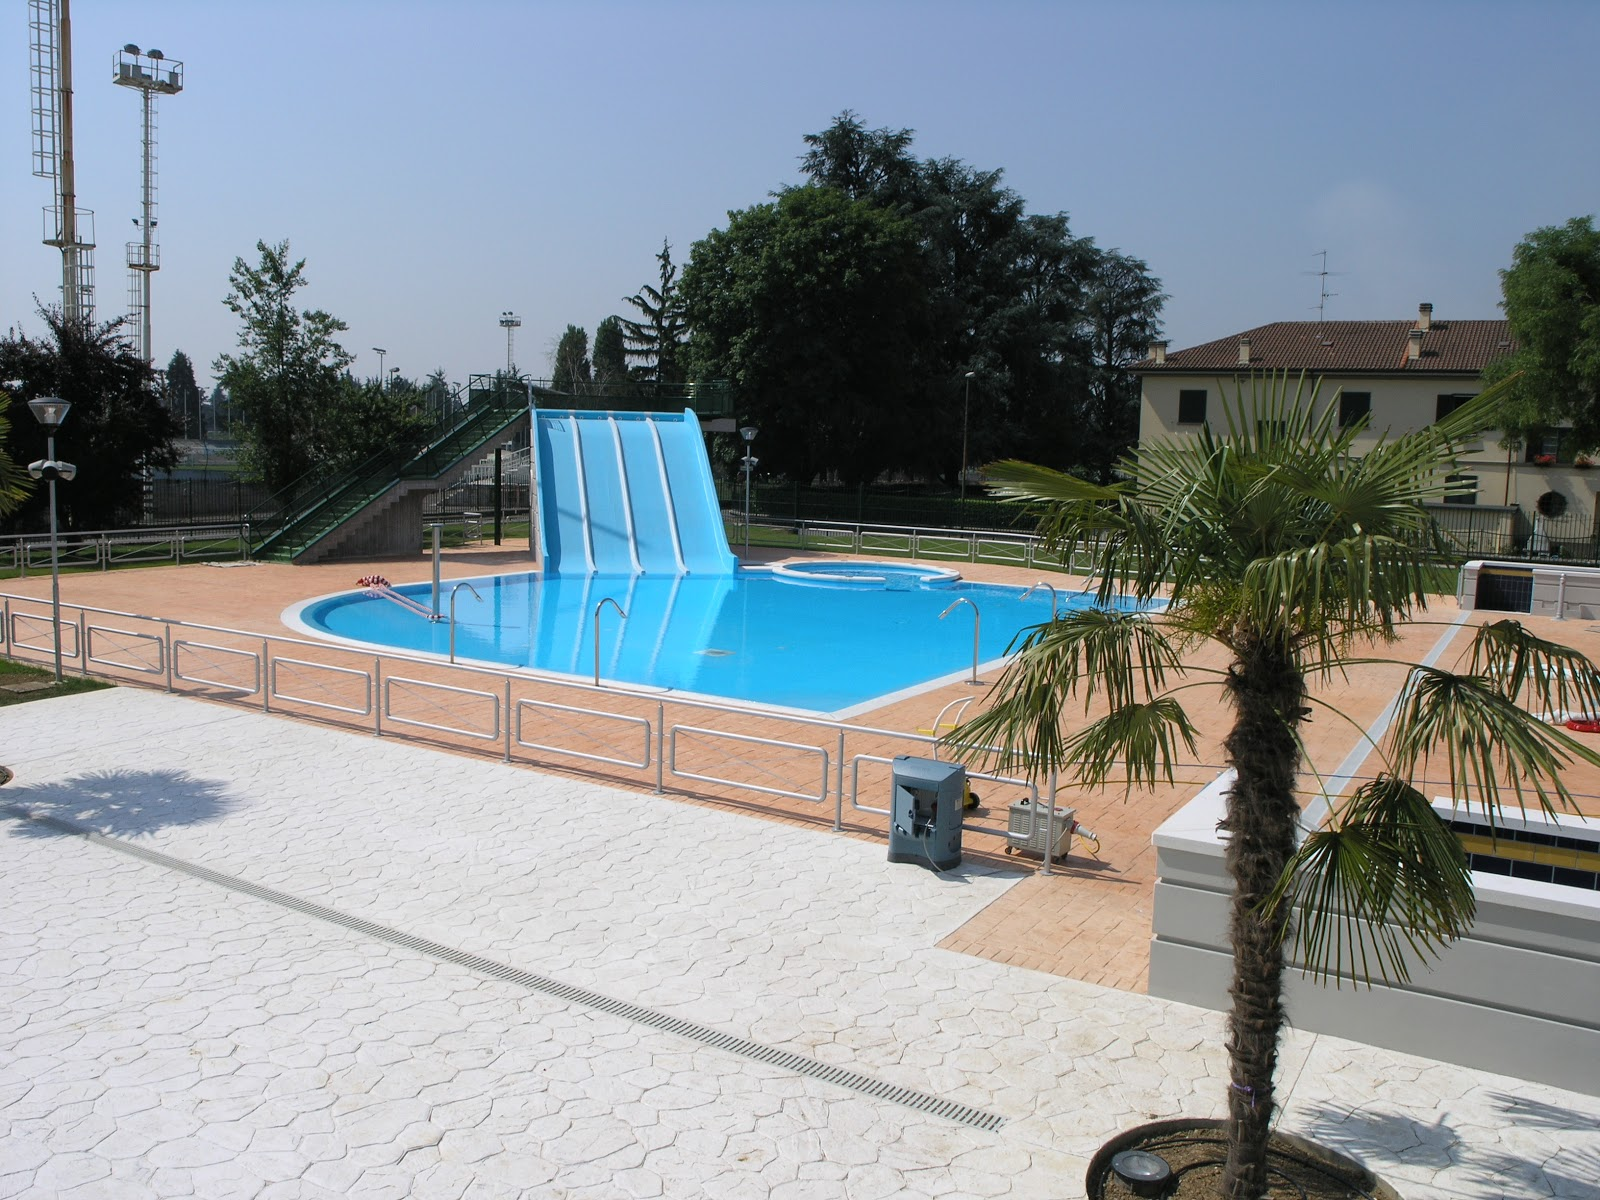 Piscina di dalmine le piscine - Piscina trezzano sul naviglio nuoto libero ...